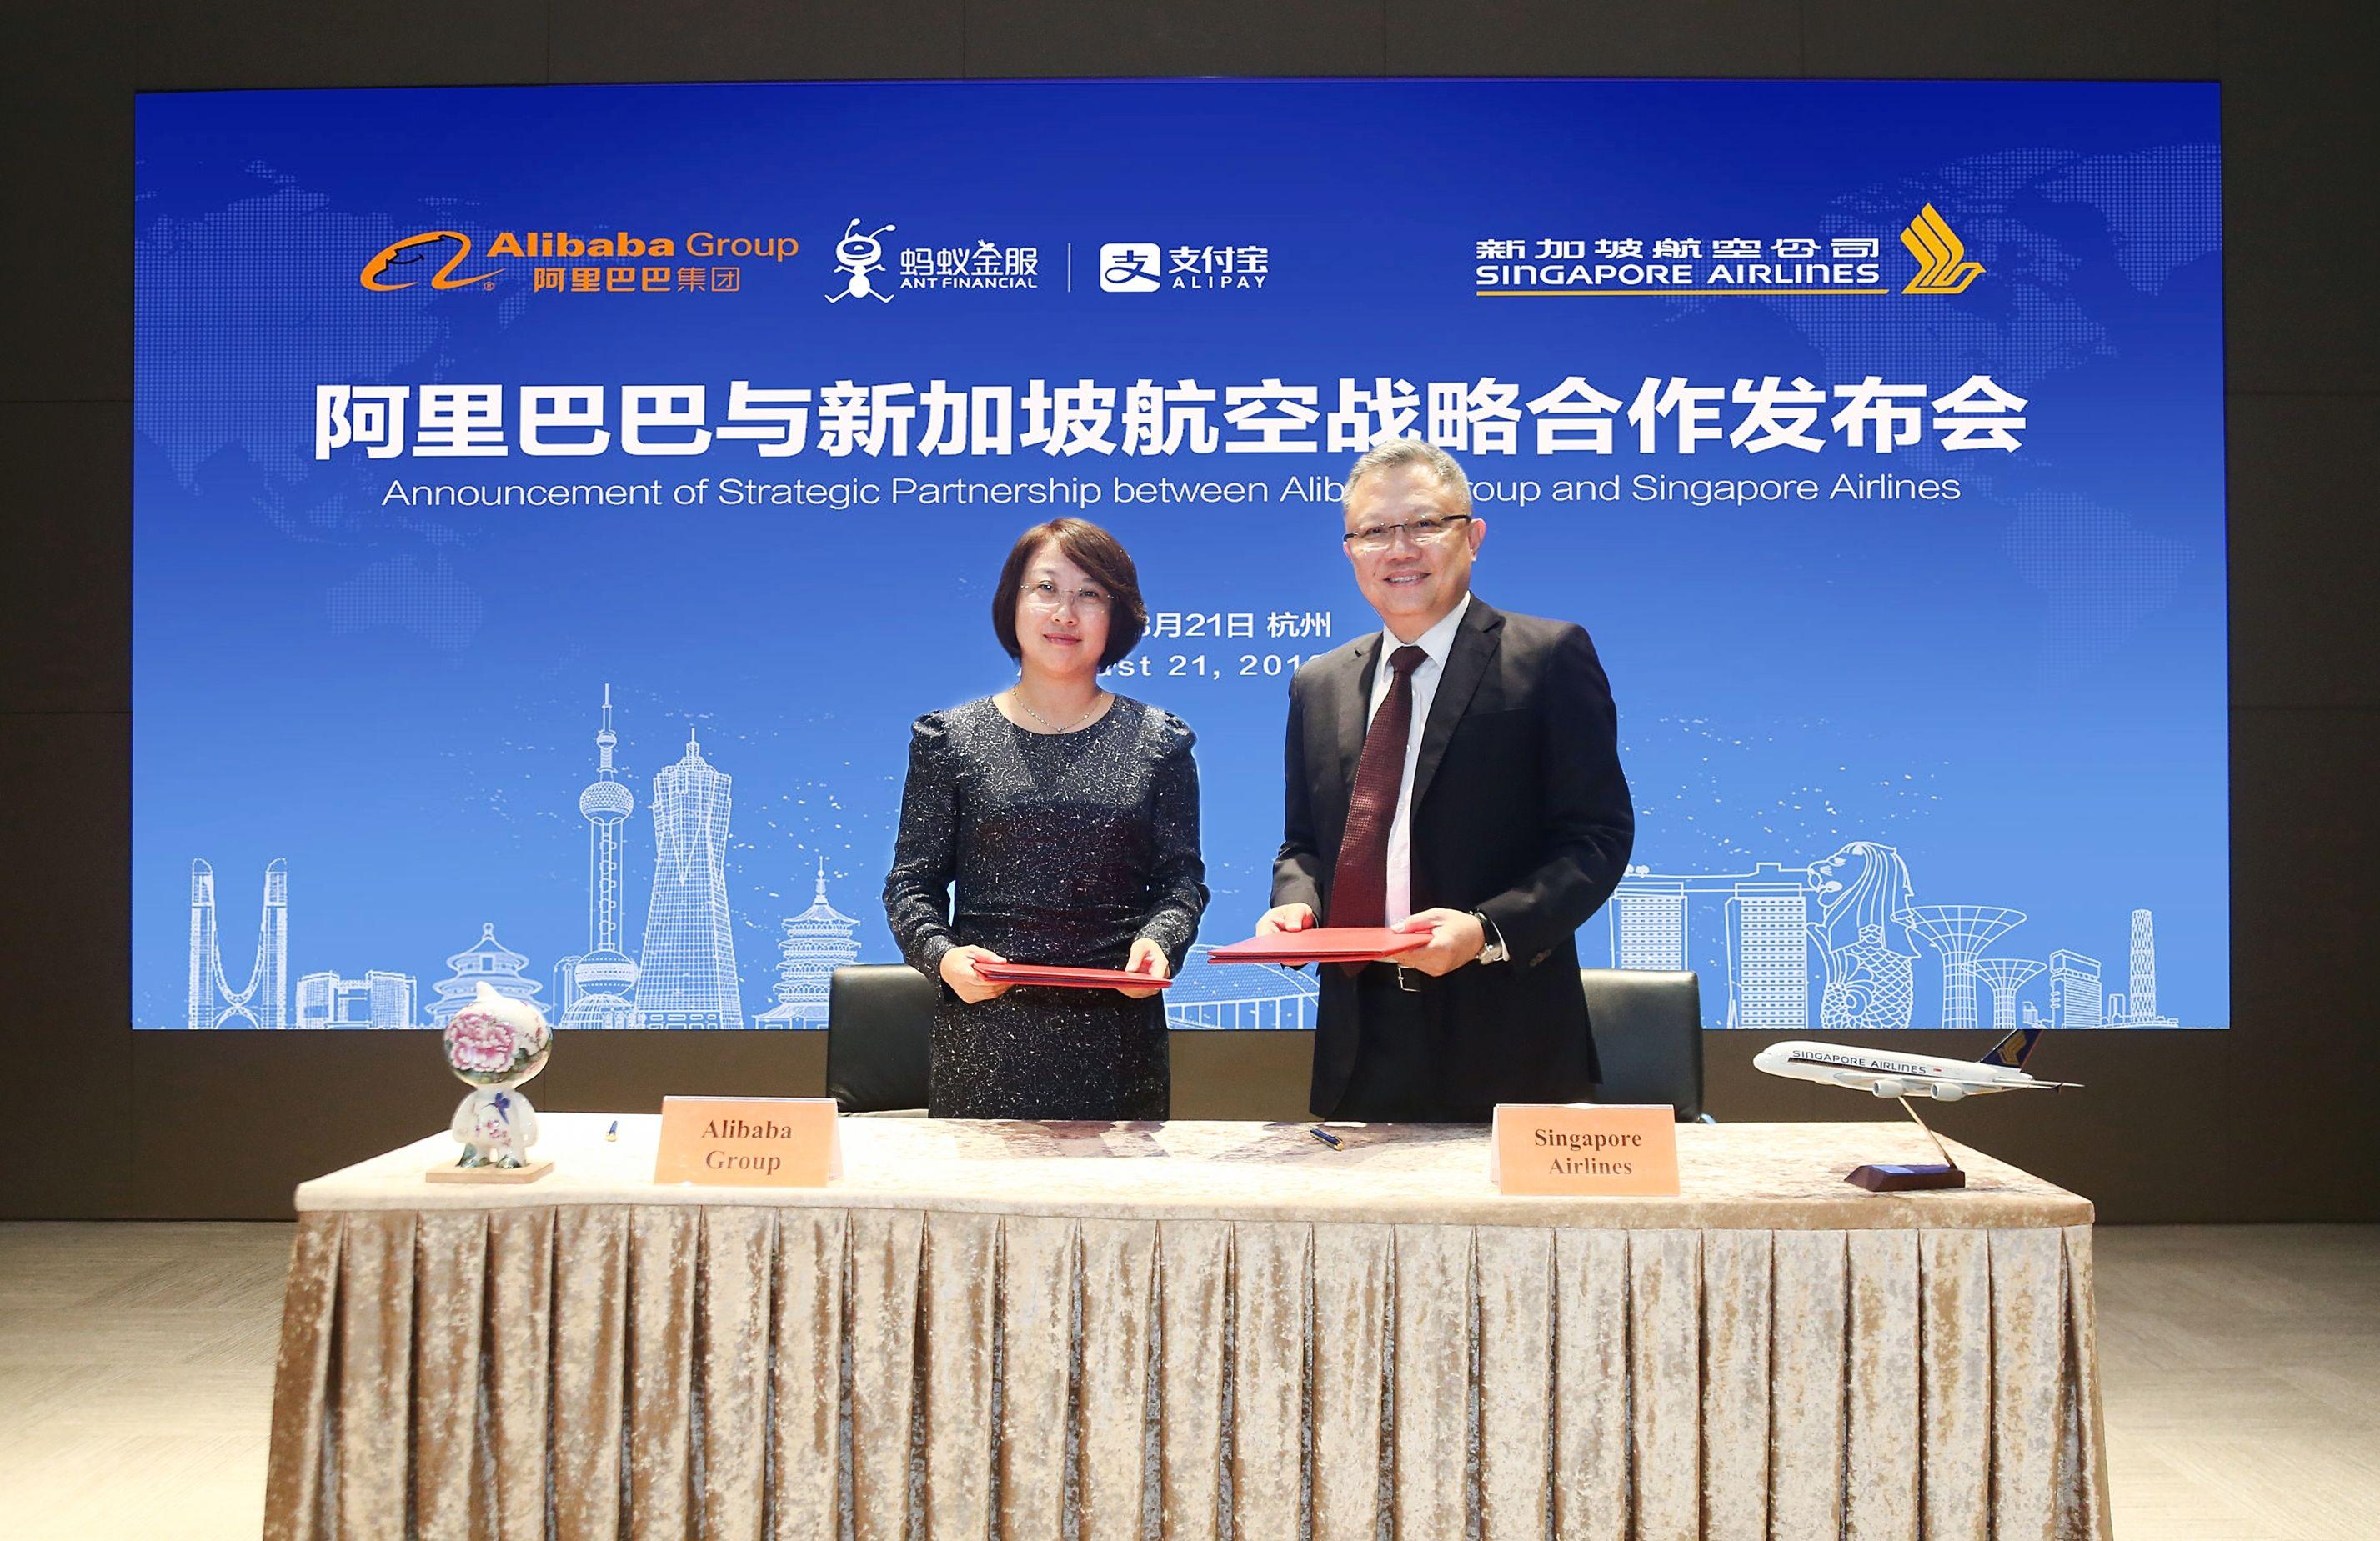 新加坡航空与阿里巴巴达成战略合作